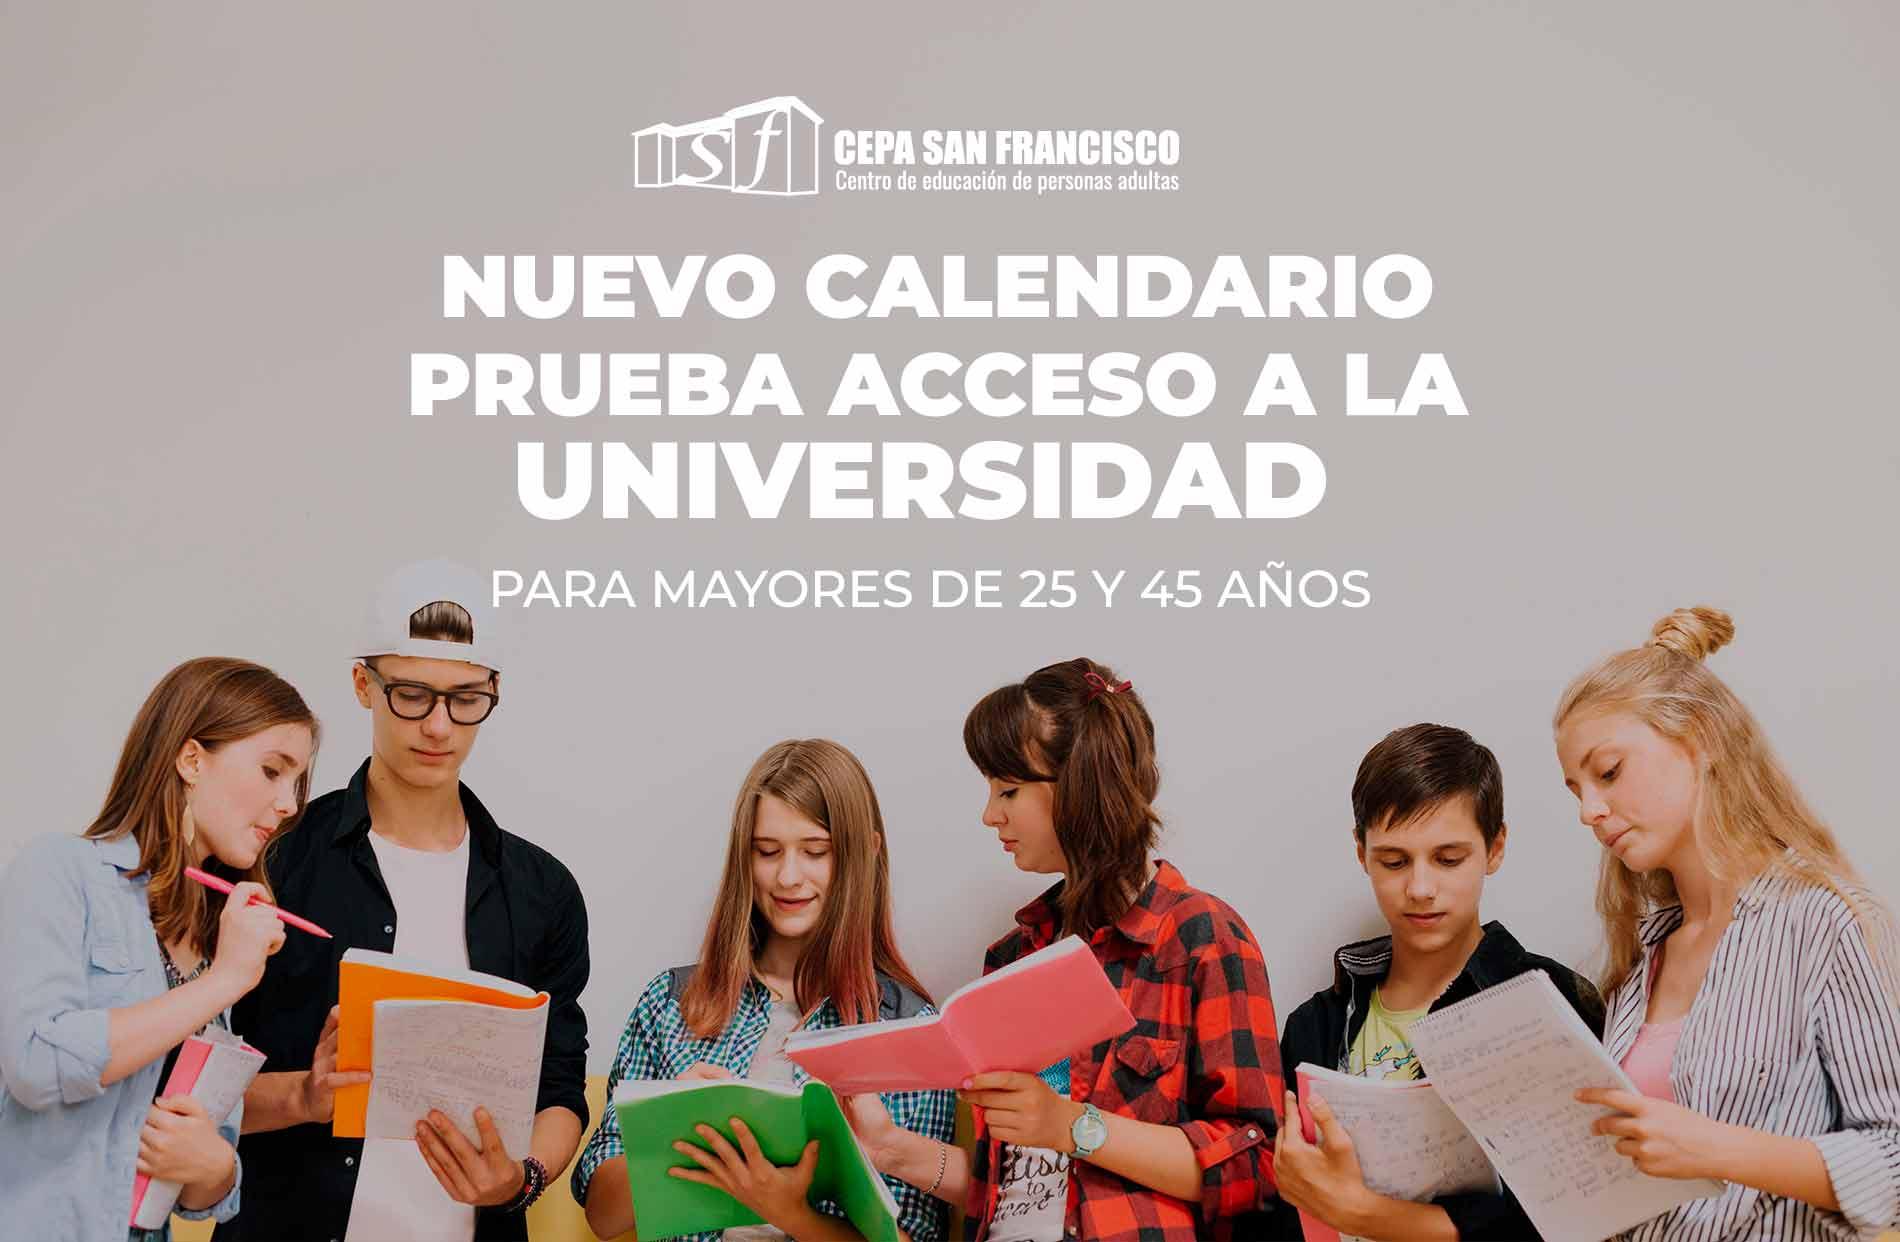 Nuevo Caledario para las Pruebas de Acceso a la Universidad 2020